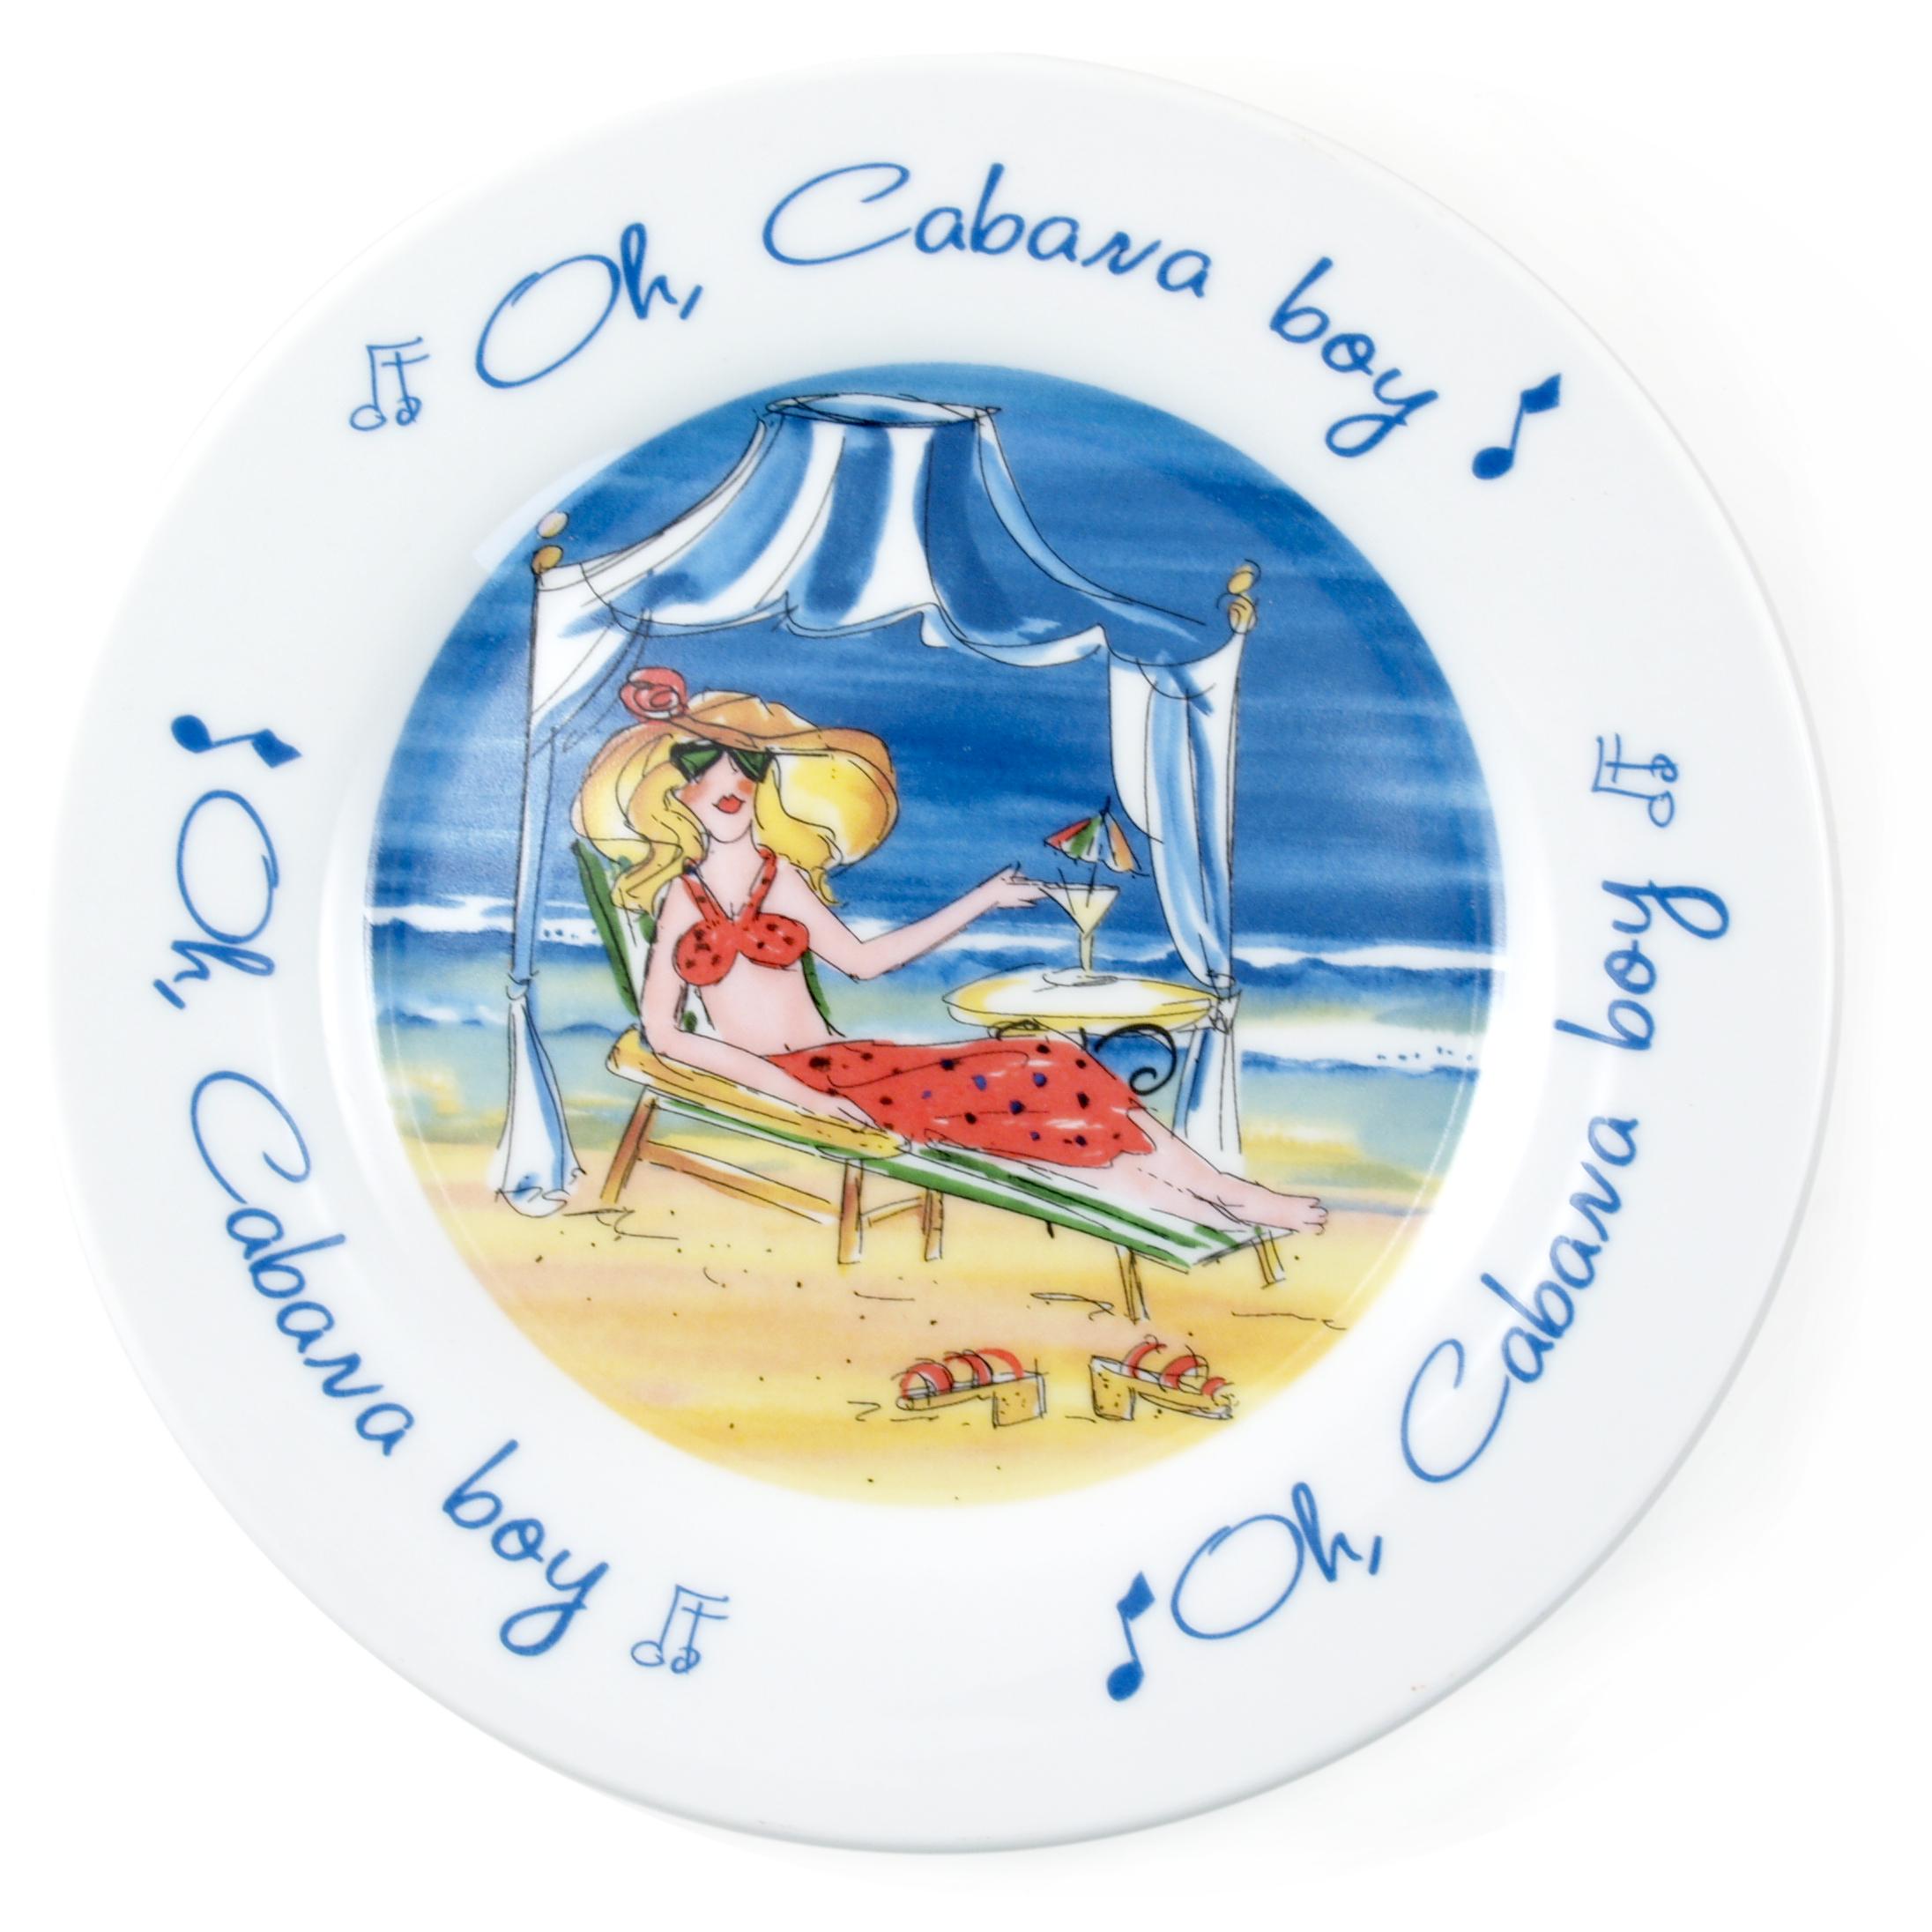 Oh Cabana Boy Ceramic Dessert Plate Set of 4